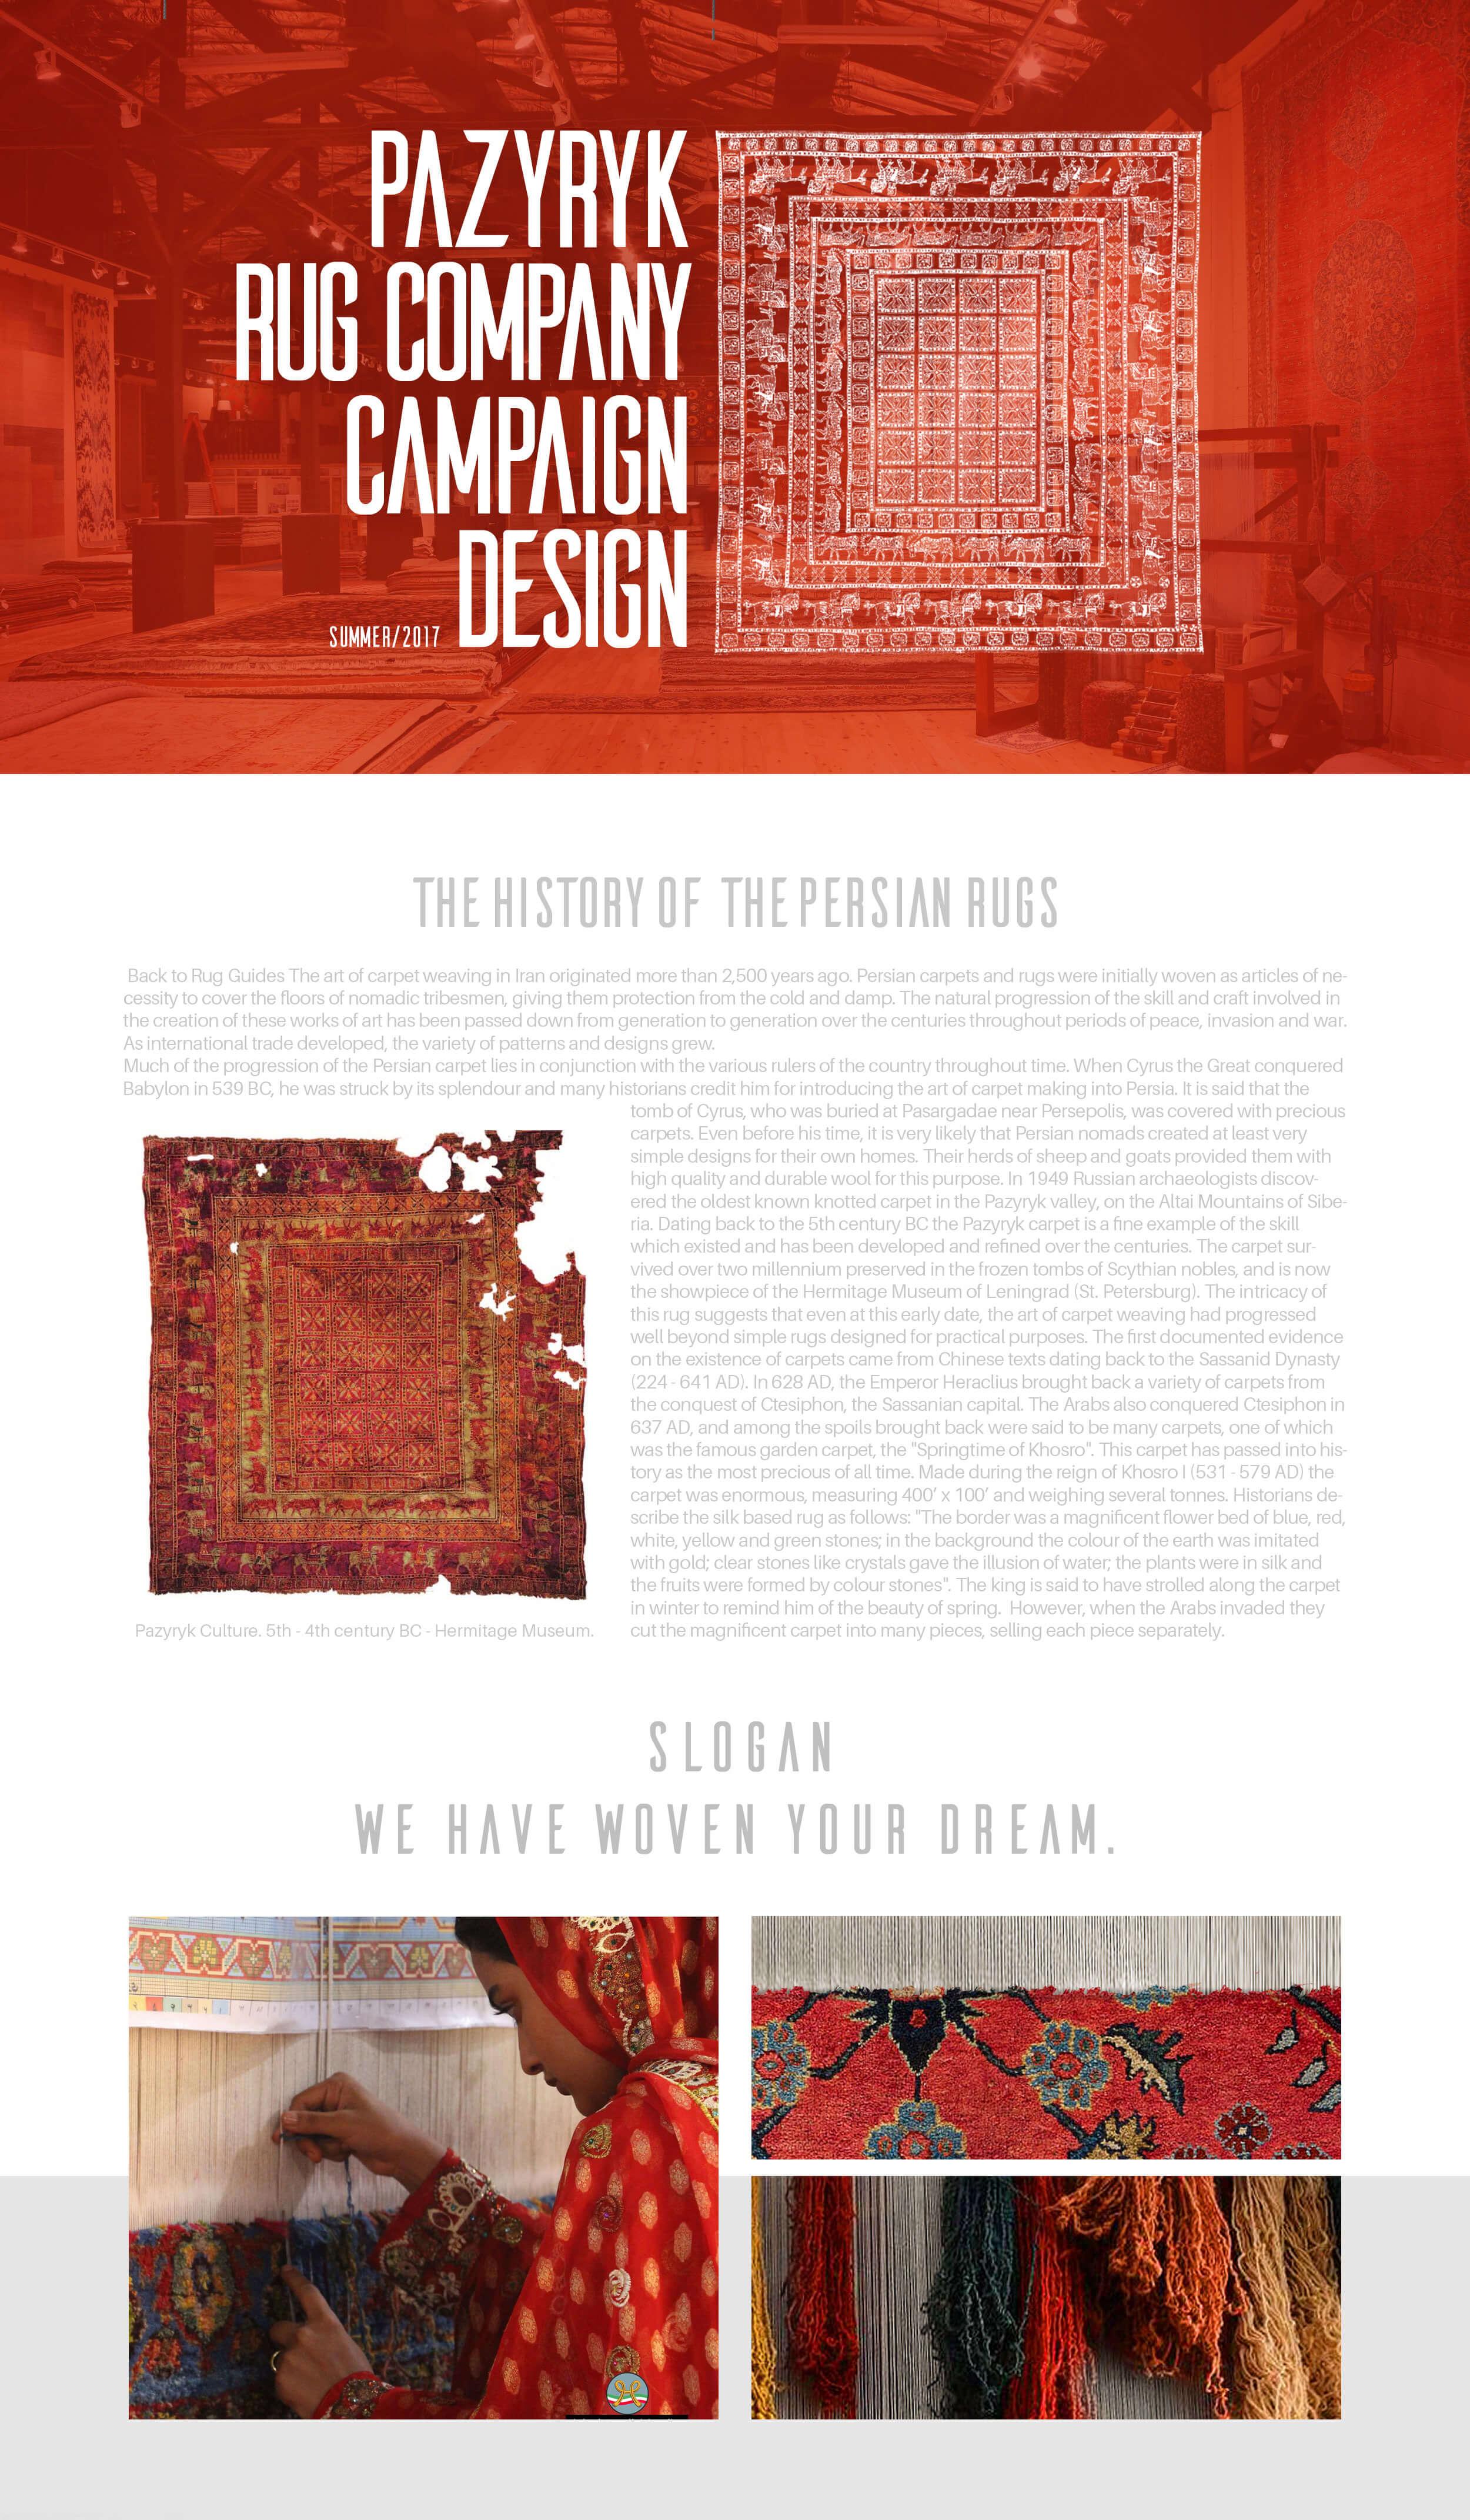 پازیک، طراحی پوستر، طراحی آگهی، طراحی آگهی مجله، رسانه، تبلیغات، آژانس تبلیغاتی، هویت بصری، طراحی هویت بصری، شرکت تبلیغاتی الف، طراحی لوگو، طراحی لوگوتابپ، طراحی ست اداری، طراحی اوراق اداری، کمپین تبلیغاتی، برندینگ